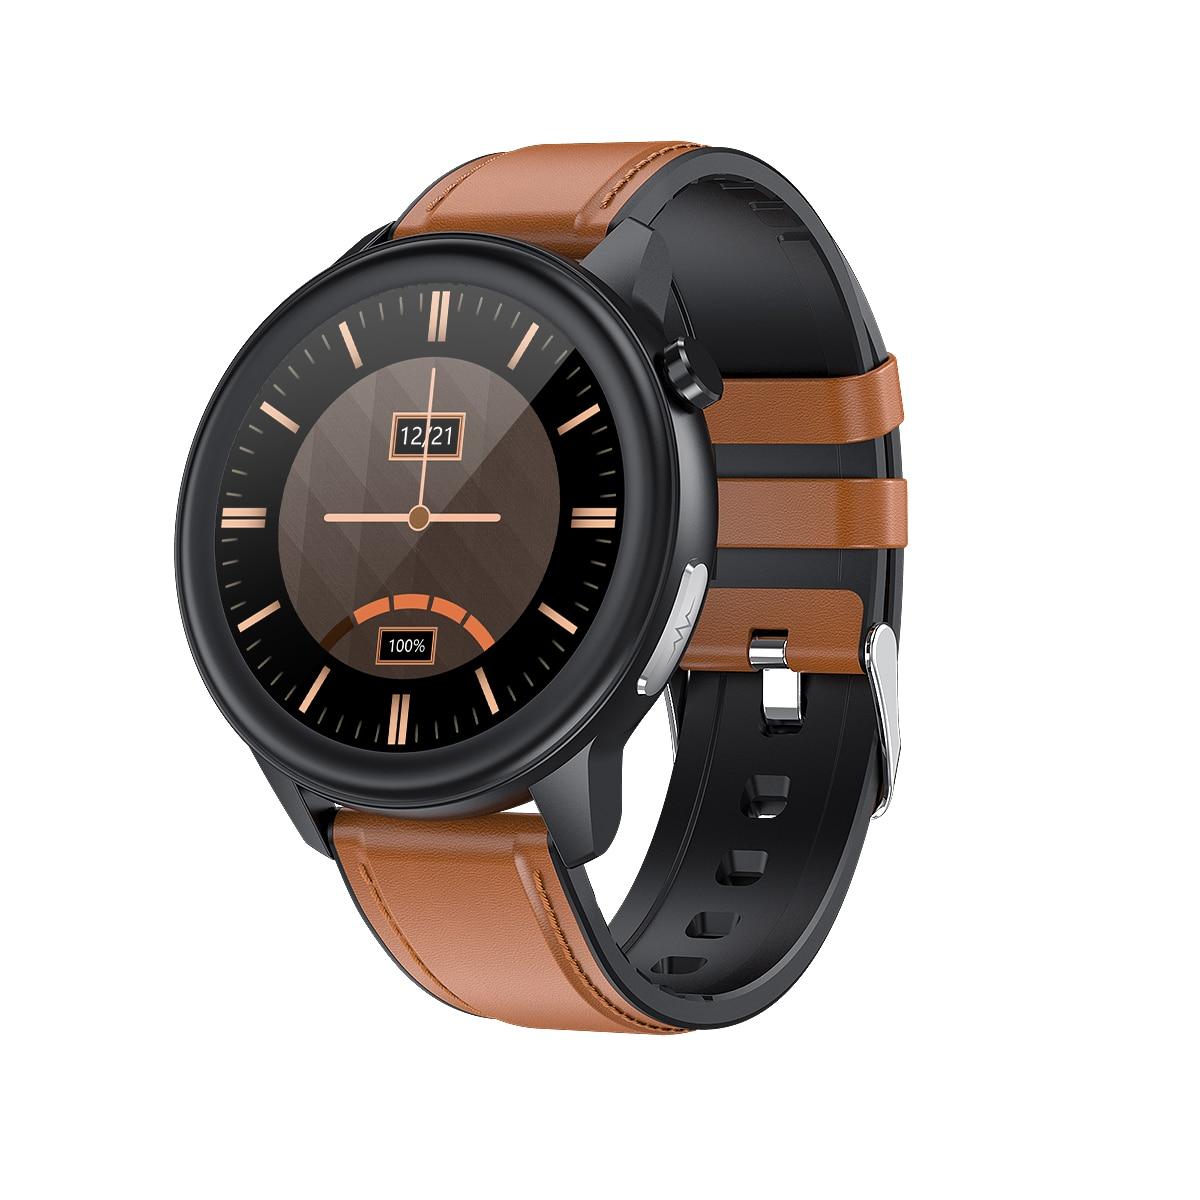 Fashion E80 Men's And Women's Smart Watch Sports Watch IP68 Waterproof 1.3-inch HD Touch Screen Supp